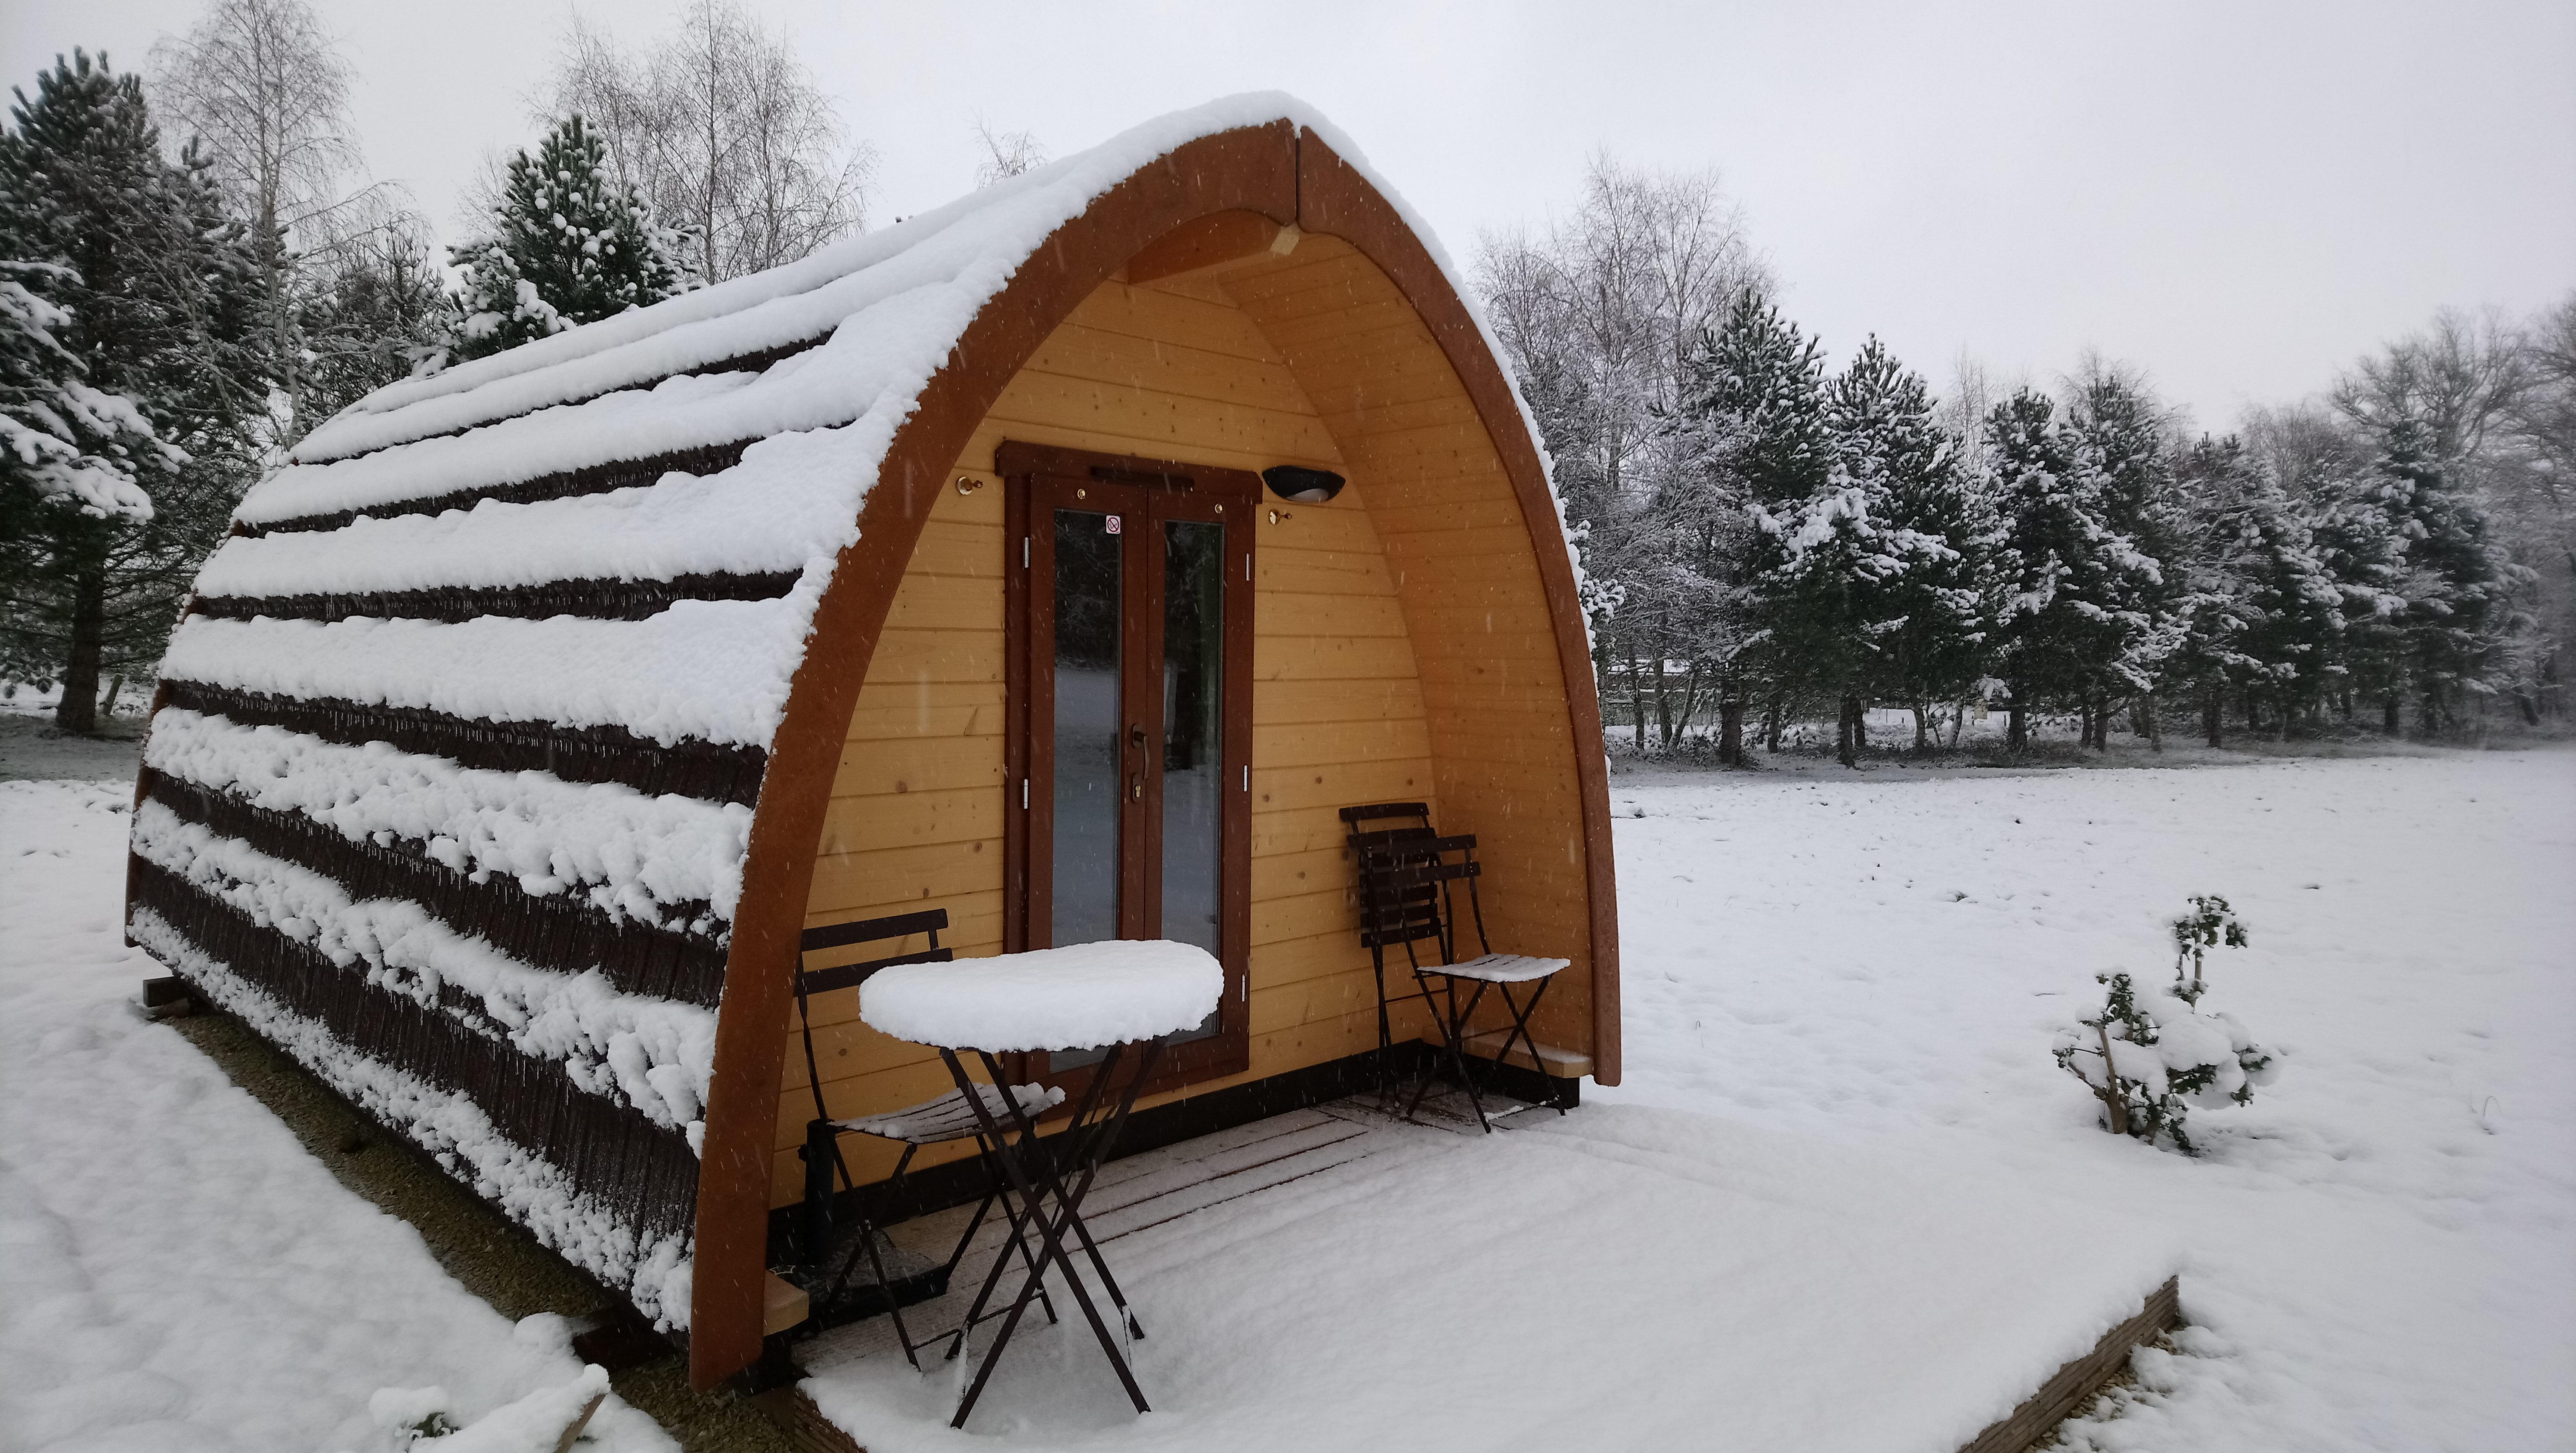 Cabane forestière 4 saisons chauffée